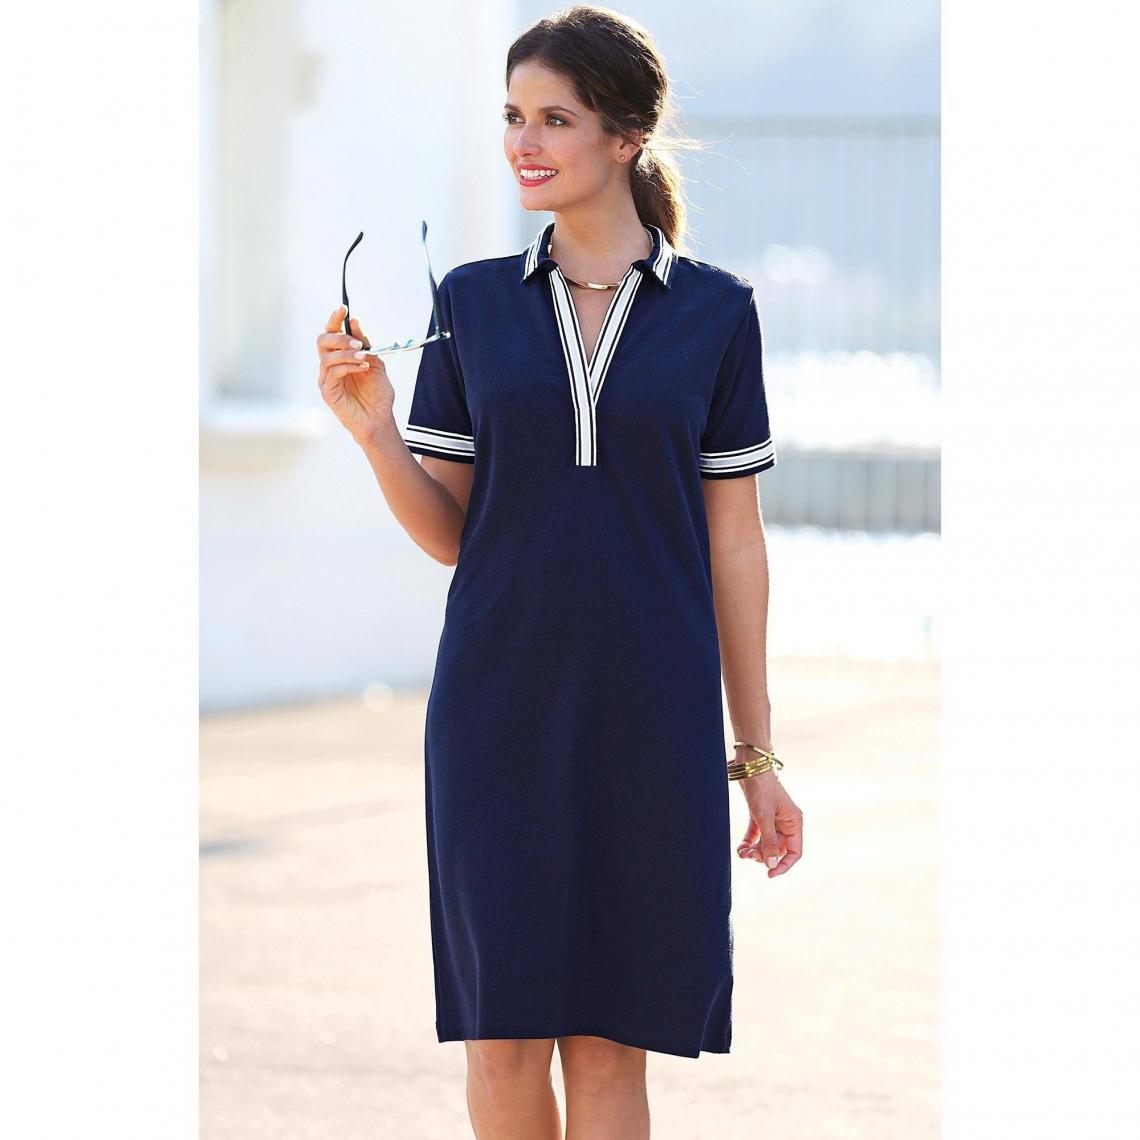 Robe courte col chemise manches courtes femme Exclusivité 3SUISSES - Bleu  Marine 3 SUISSES Femme 4240d4f3aed